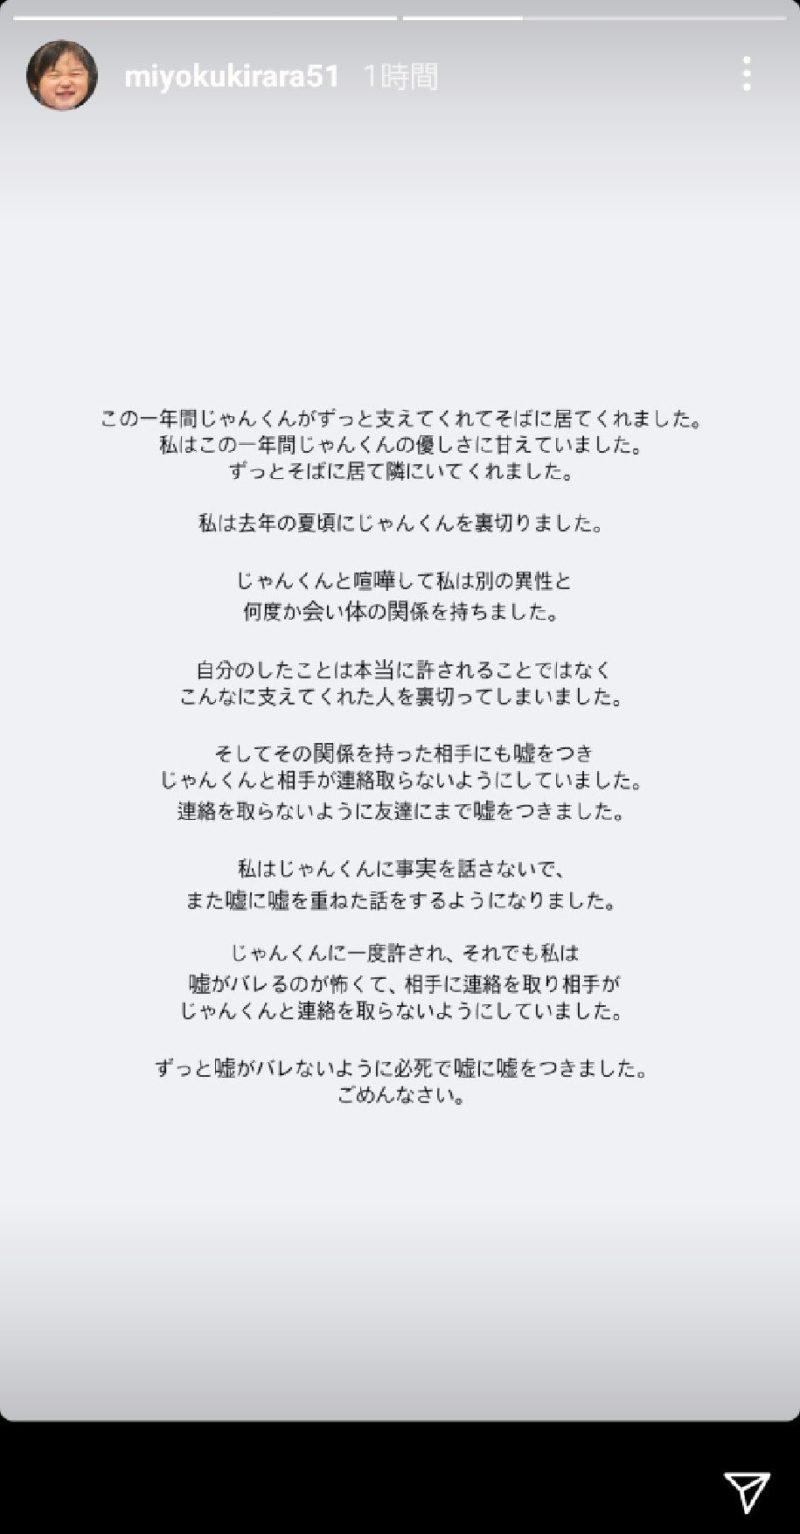 みよくきららの浮気が発覚!?